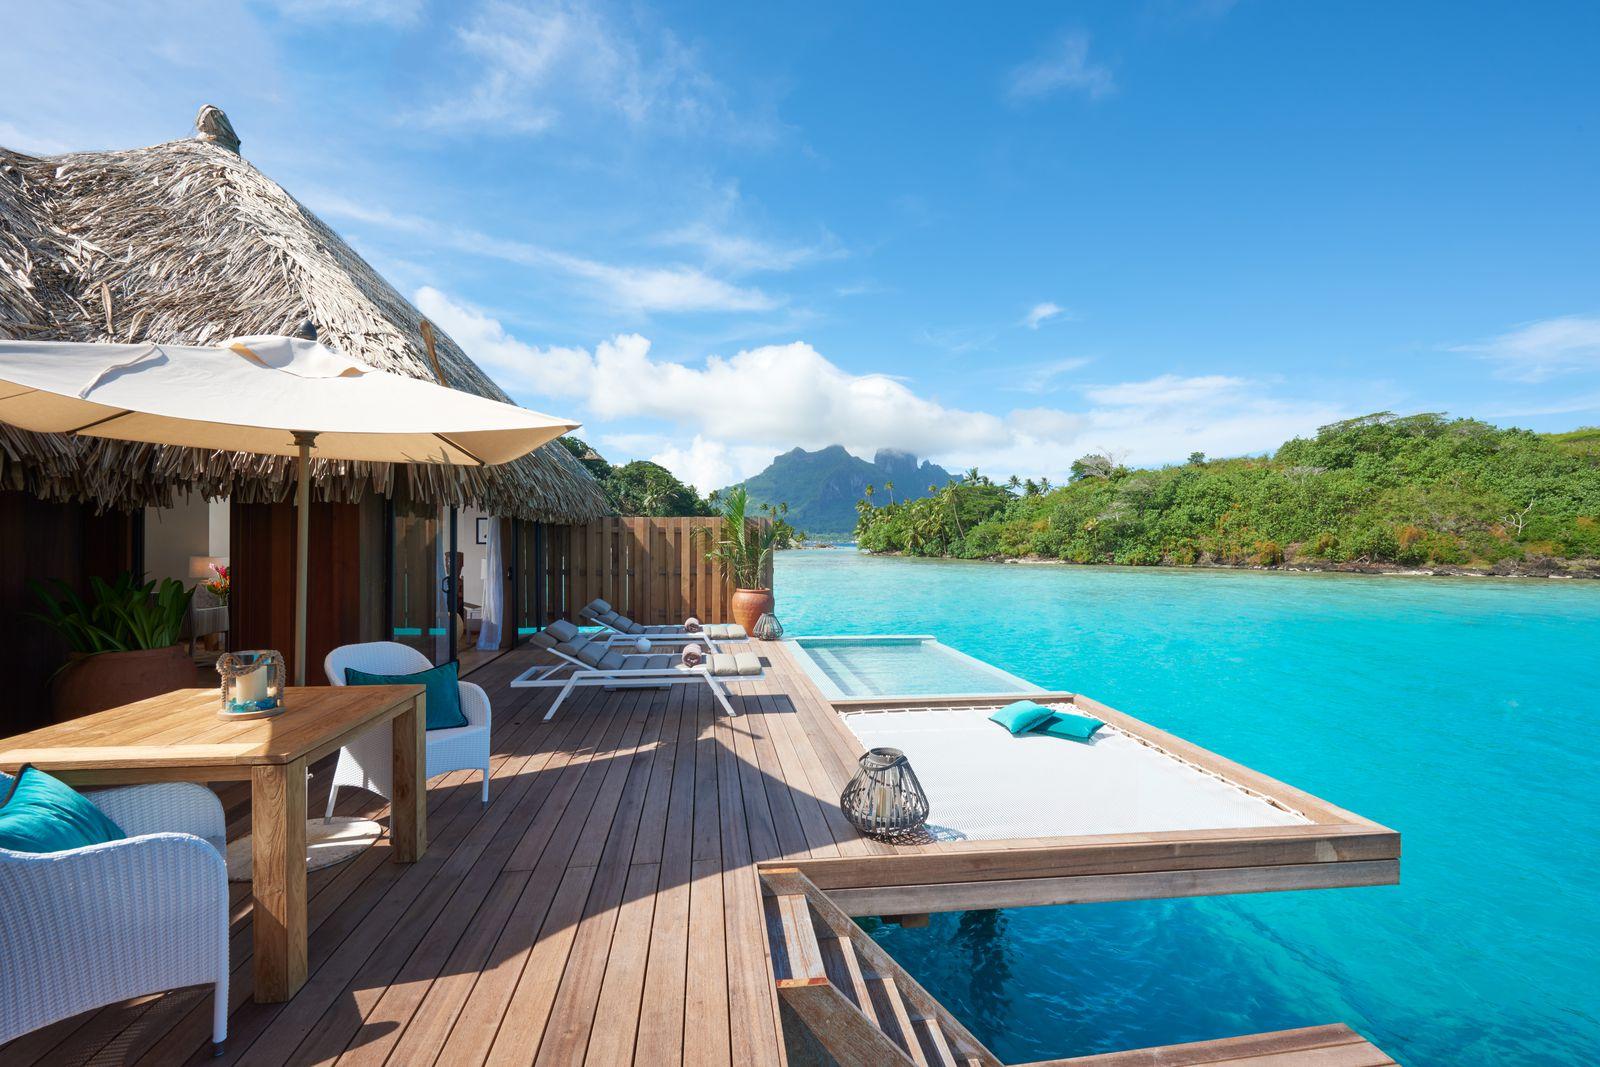 南太平洋に浮かぶフランス領の118の島々・タヒチ。どの島も驚くほど美しい海に囲まれていて、ぜいたくなひとときを過ごせます。友人とはしゃぎたい人も、恋人とゆっくりしたい人も。今すぐ行きたくなる理由を6つ紹介します。